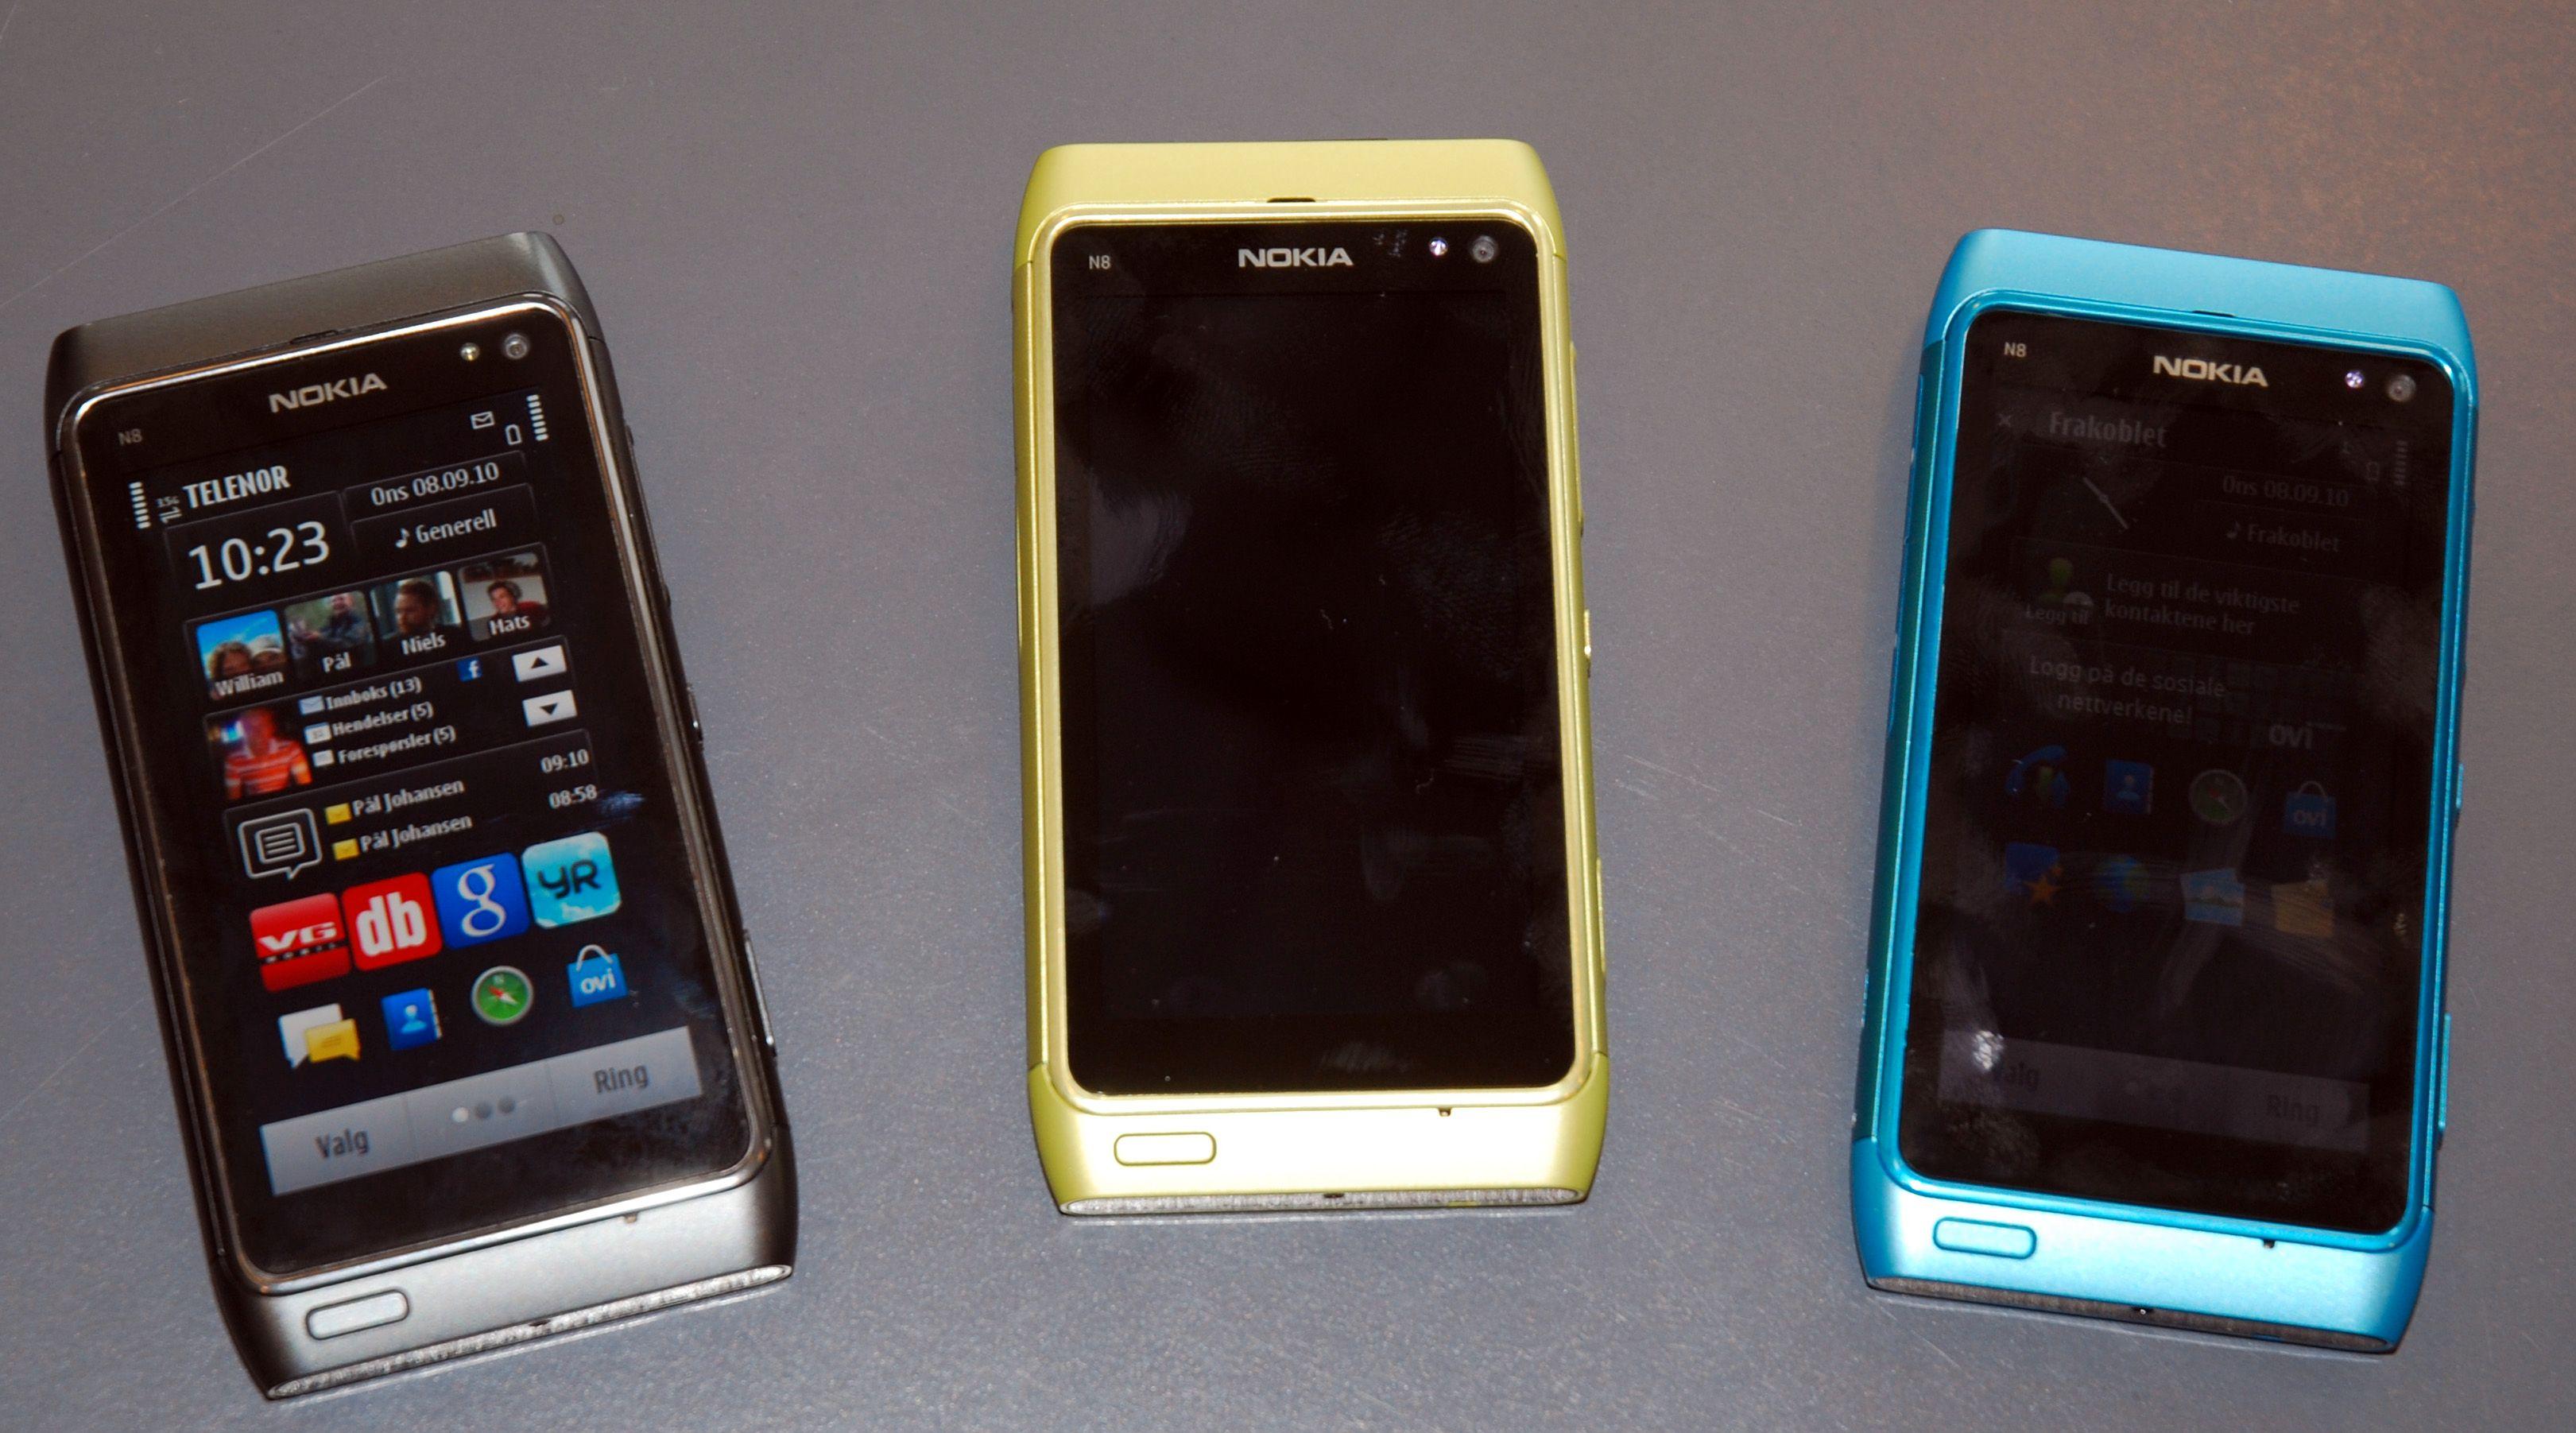 N8 vil komme i flere farger. Den blå telefonen på bildet vil ikke bli tilgjengelig samtidig med de første.